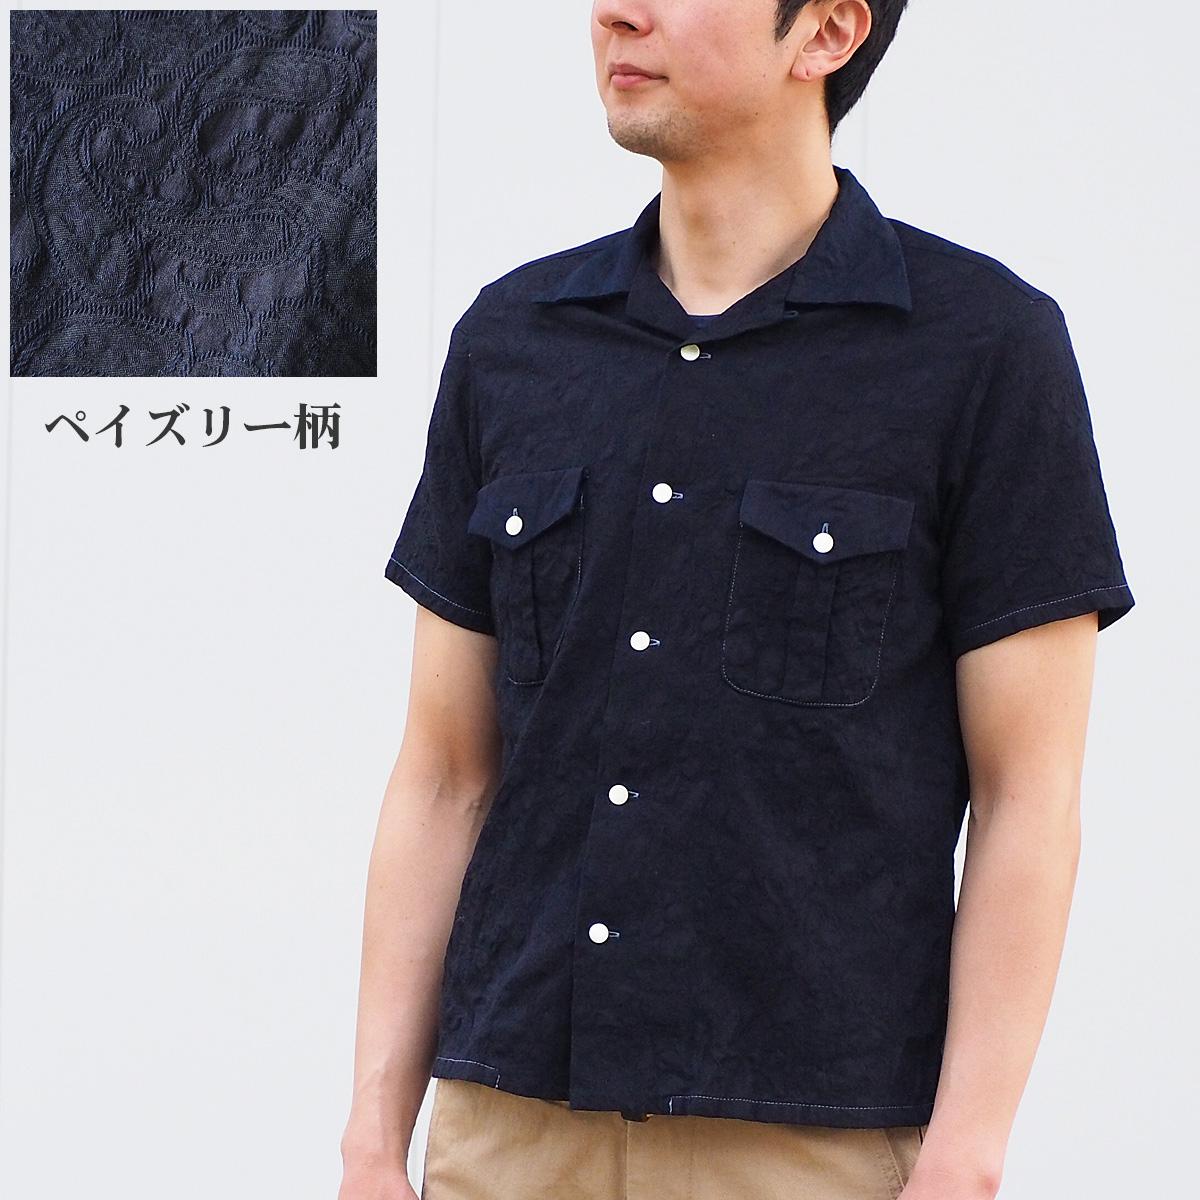 graphzero(グラフゼロ) オープンカラーシャツ 半袖 ペイズリー メンズ [GZ-OPC-3004-PAI-MENS]